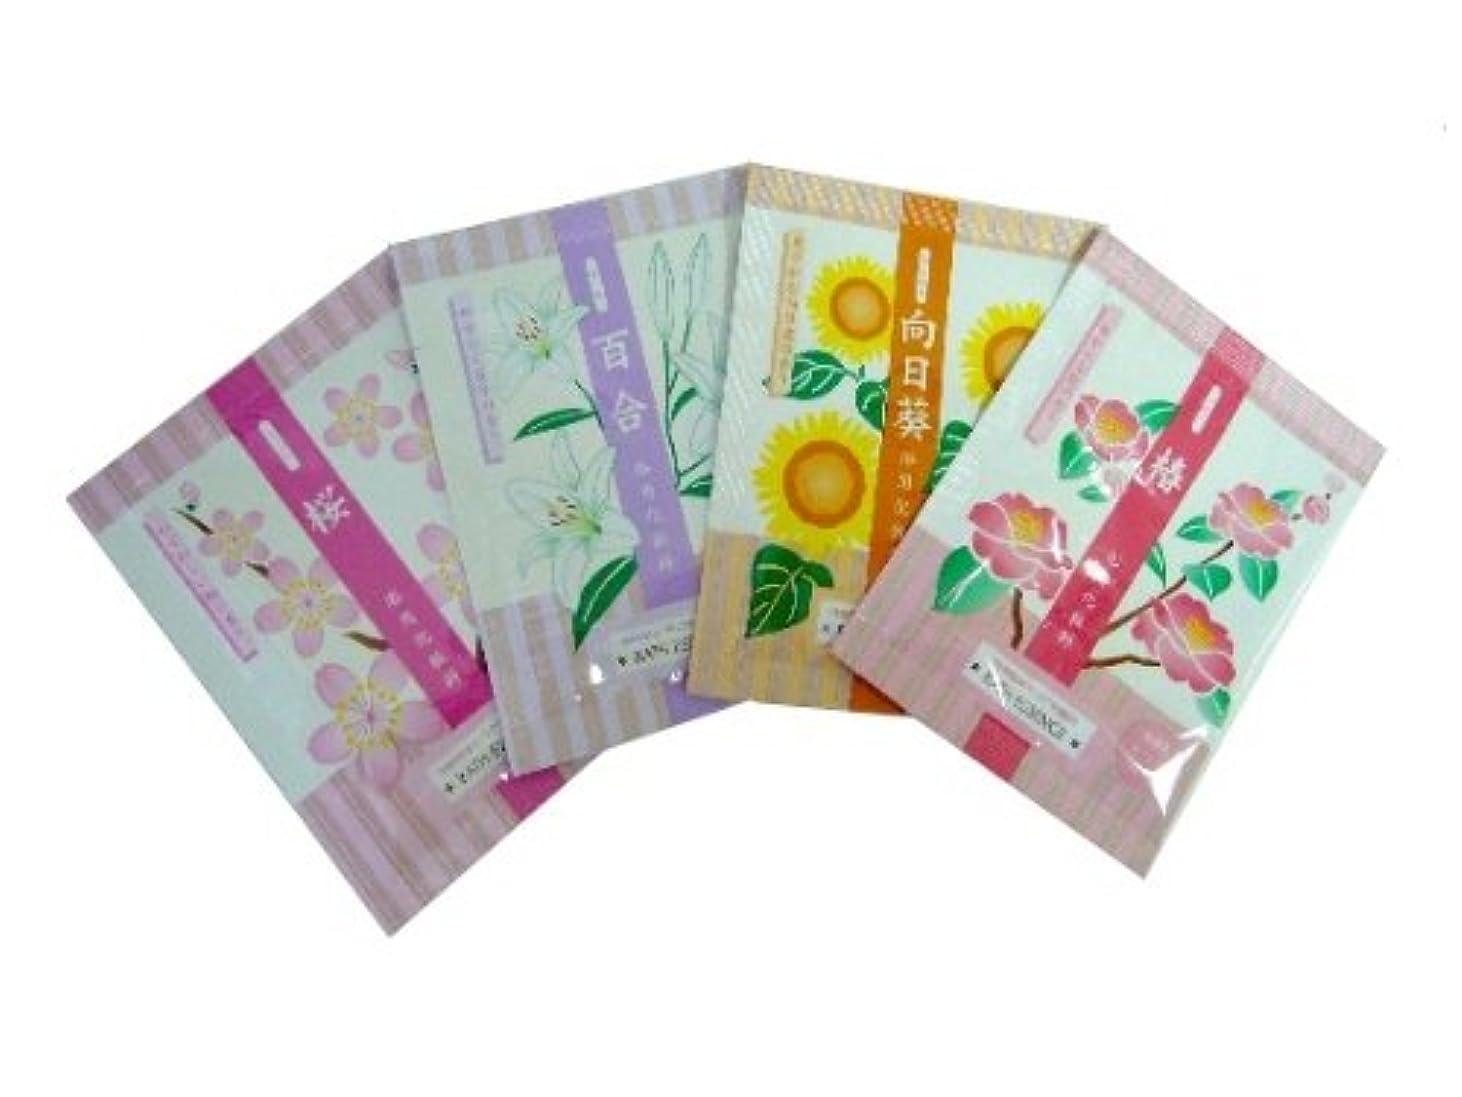 かんがい潜在的な豊かな入浴剤 花の入浴料シリーズ 4種 各10包?計40包セット